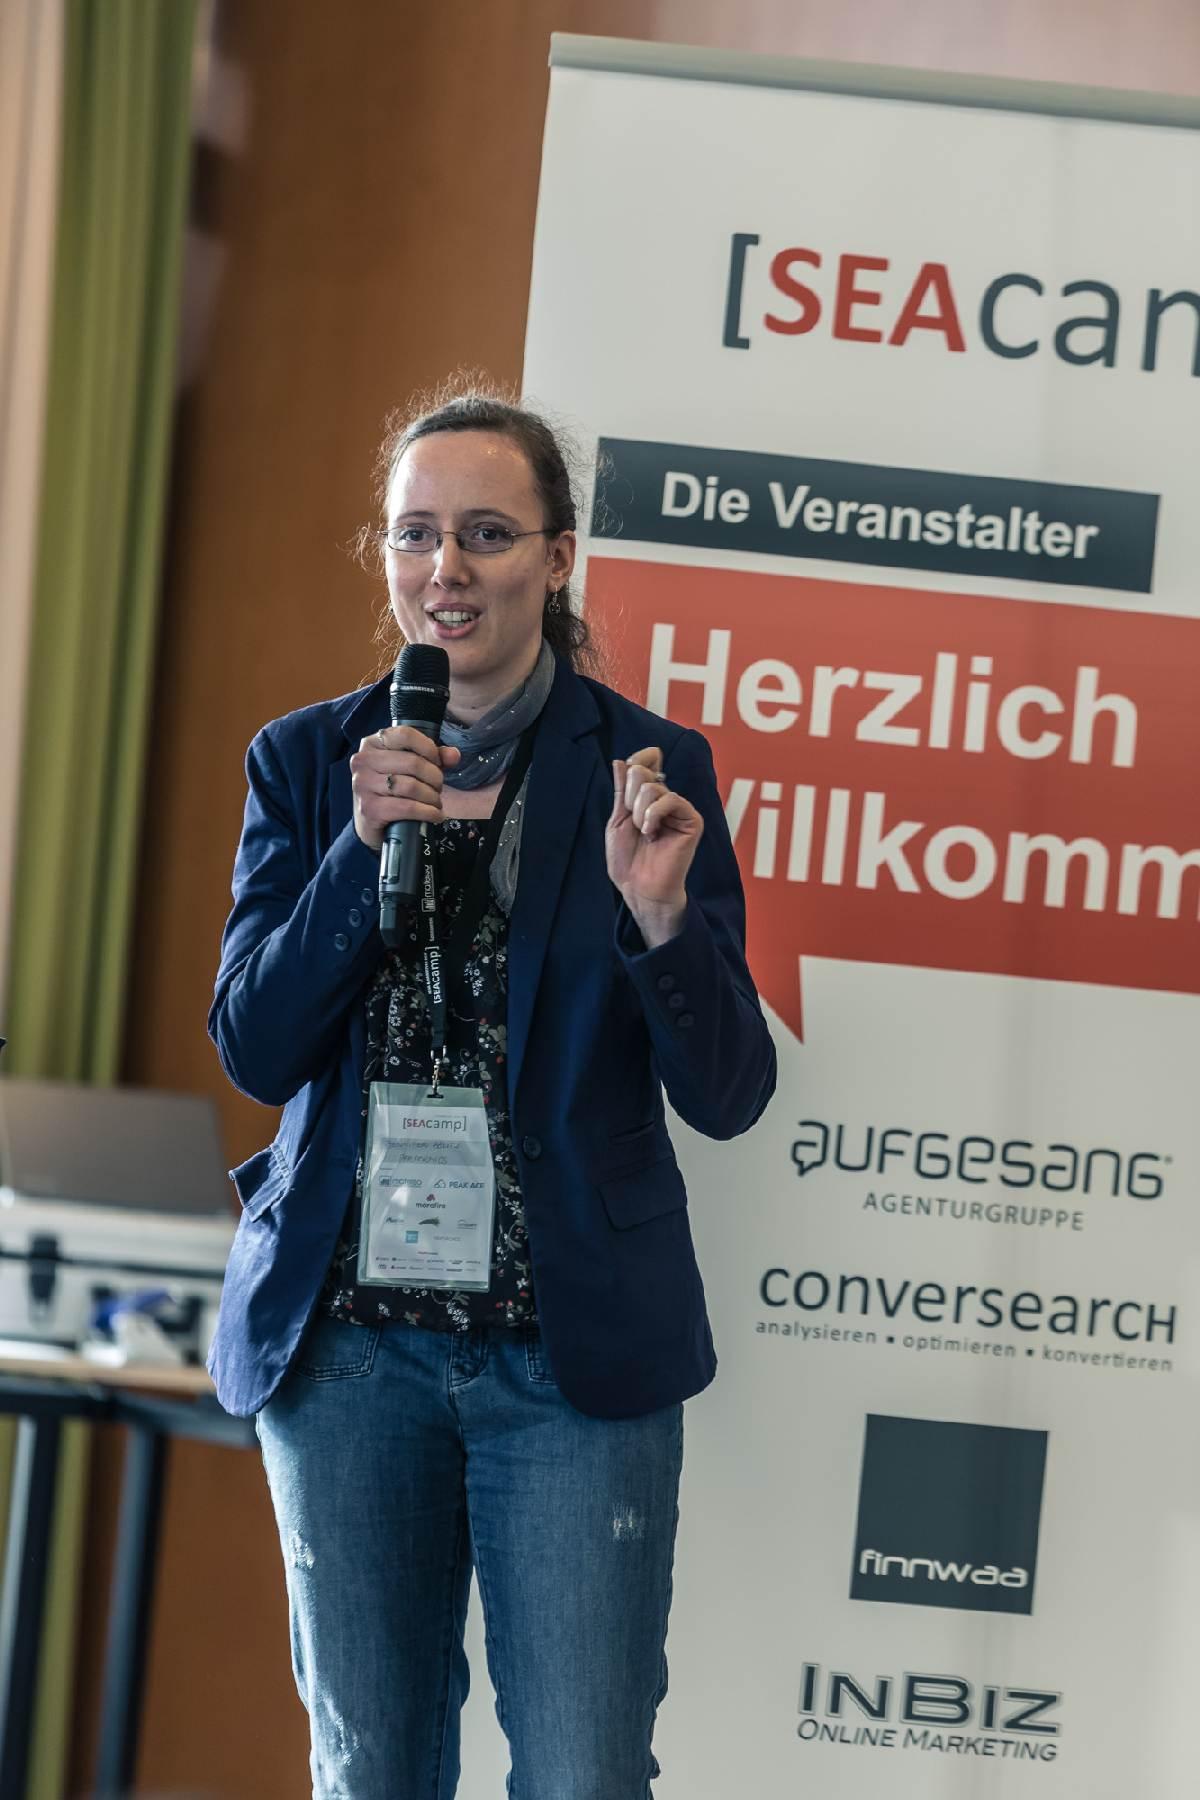 hannover_2017_SEAcamp-617